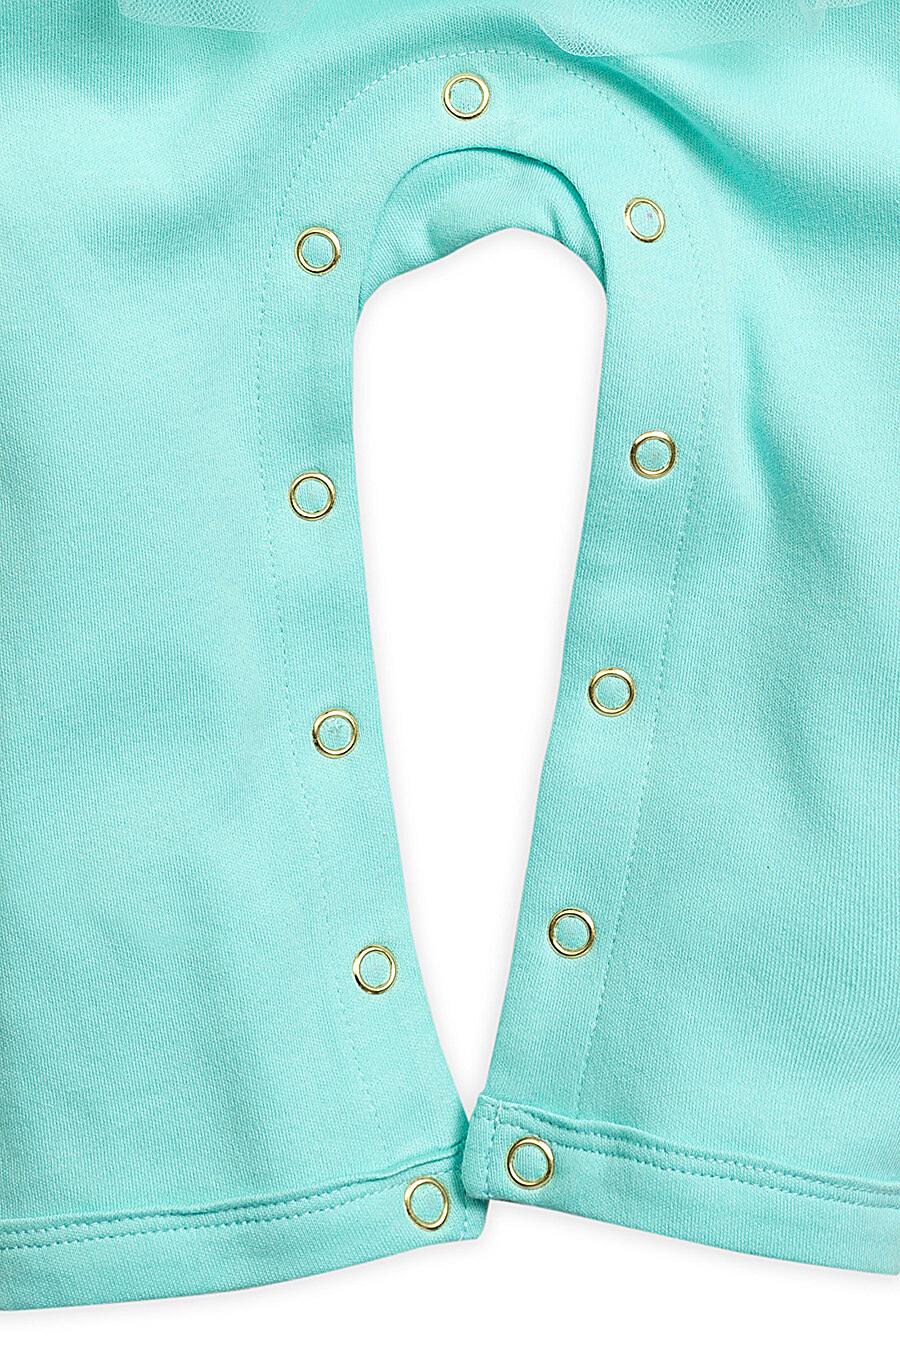 Комбинезон для девочек PELICAN 161252 купить оптом от производителя. Совместная покупка детской одежды в OptMoyo